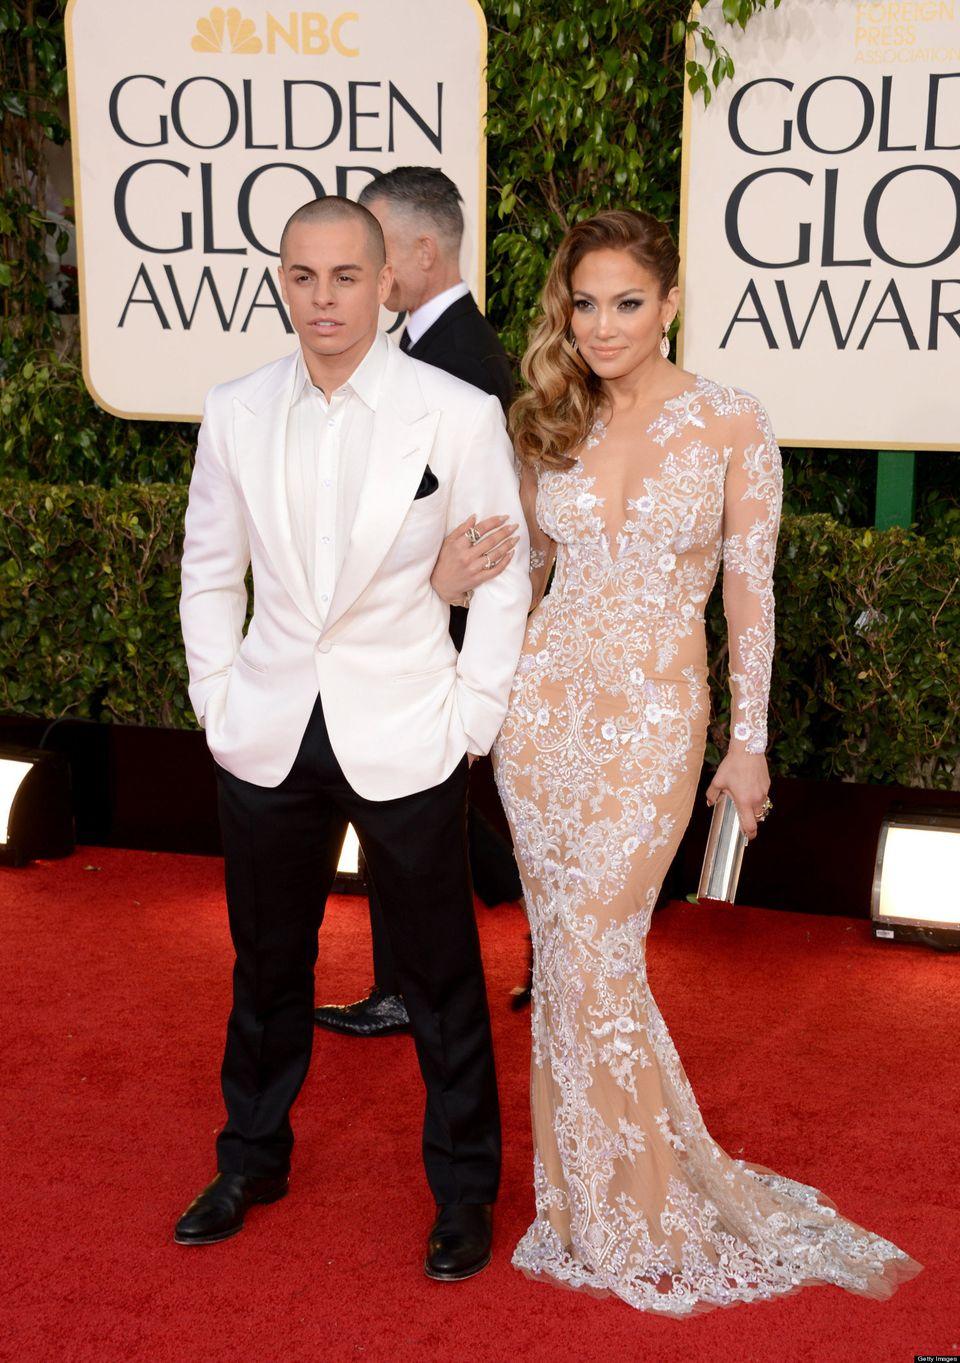 """Golden Globe presenter Jennifer Lopez, whose ex Marc Anthony <a href=""""http://www.huffingtonpost.com/2012/04/11/jennifer-lopez"""